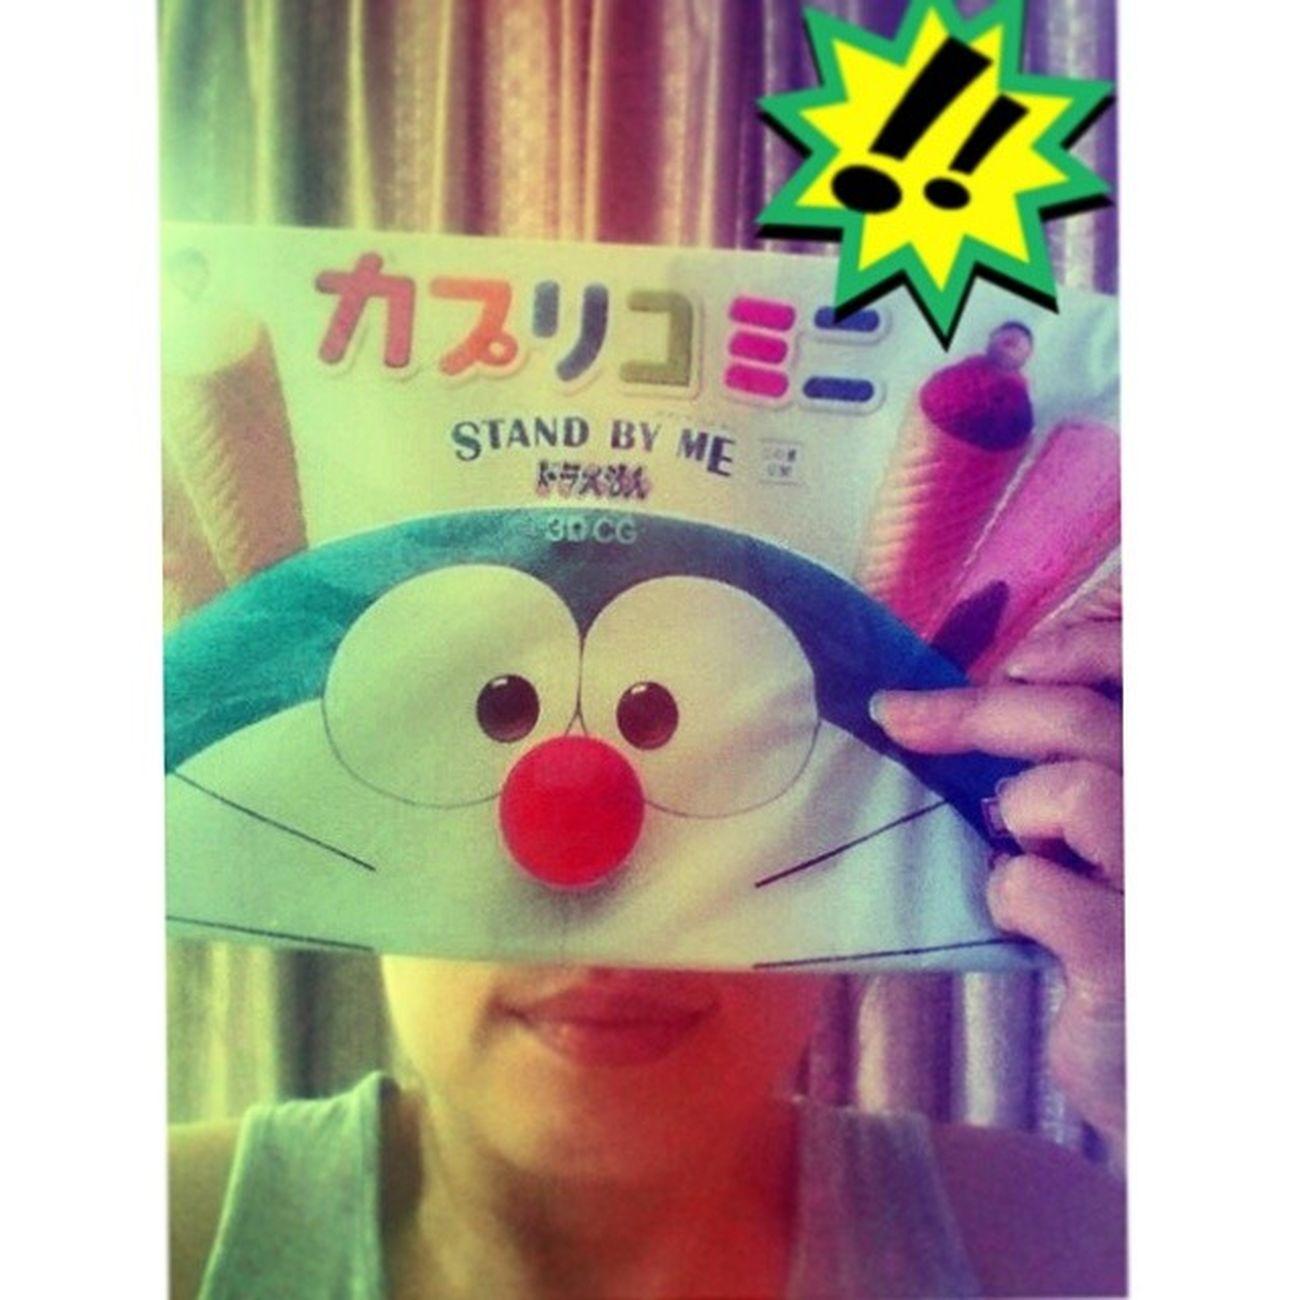 為了玩具買的(^◇^) 固力果 日本 大阪 哆啦A夢 Doraemon Osaka,Japan OSAKA Japan Osaka 大阪 Osaka-shi,Japan